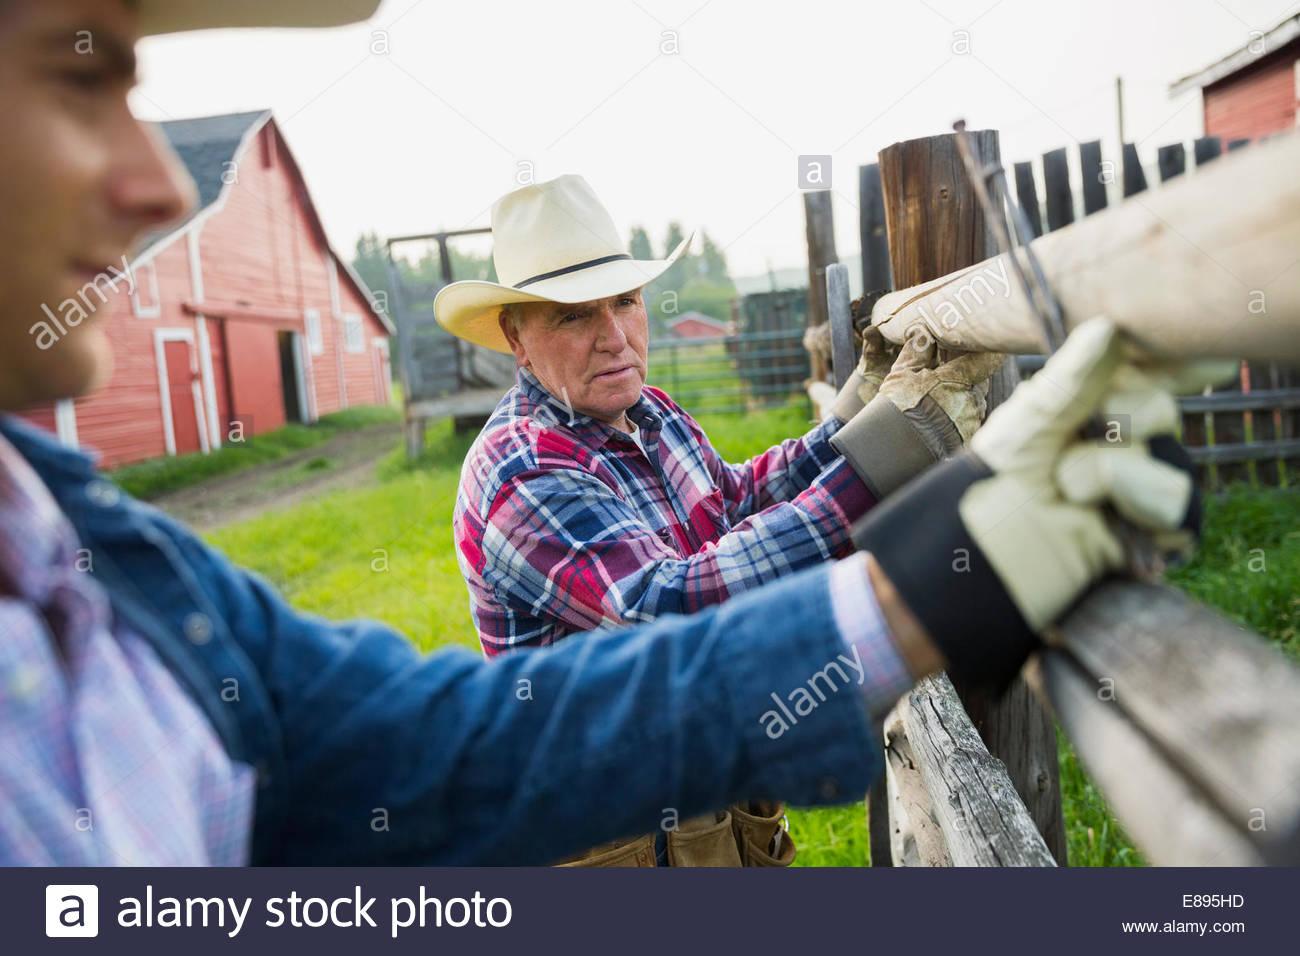 Los ganaderos la sustitución de postes en la pastura Imagen De Stock